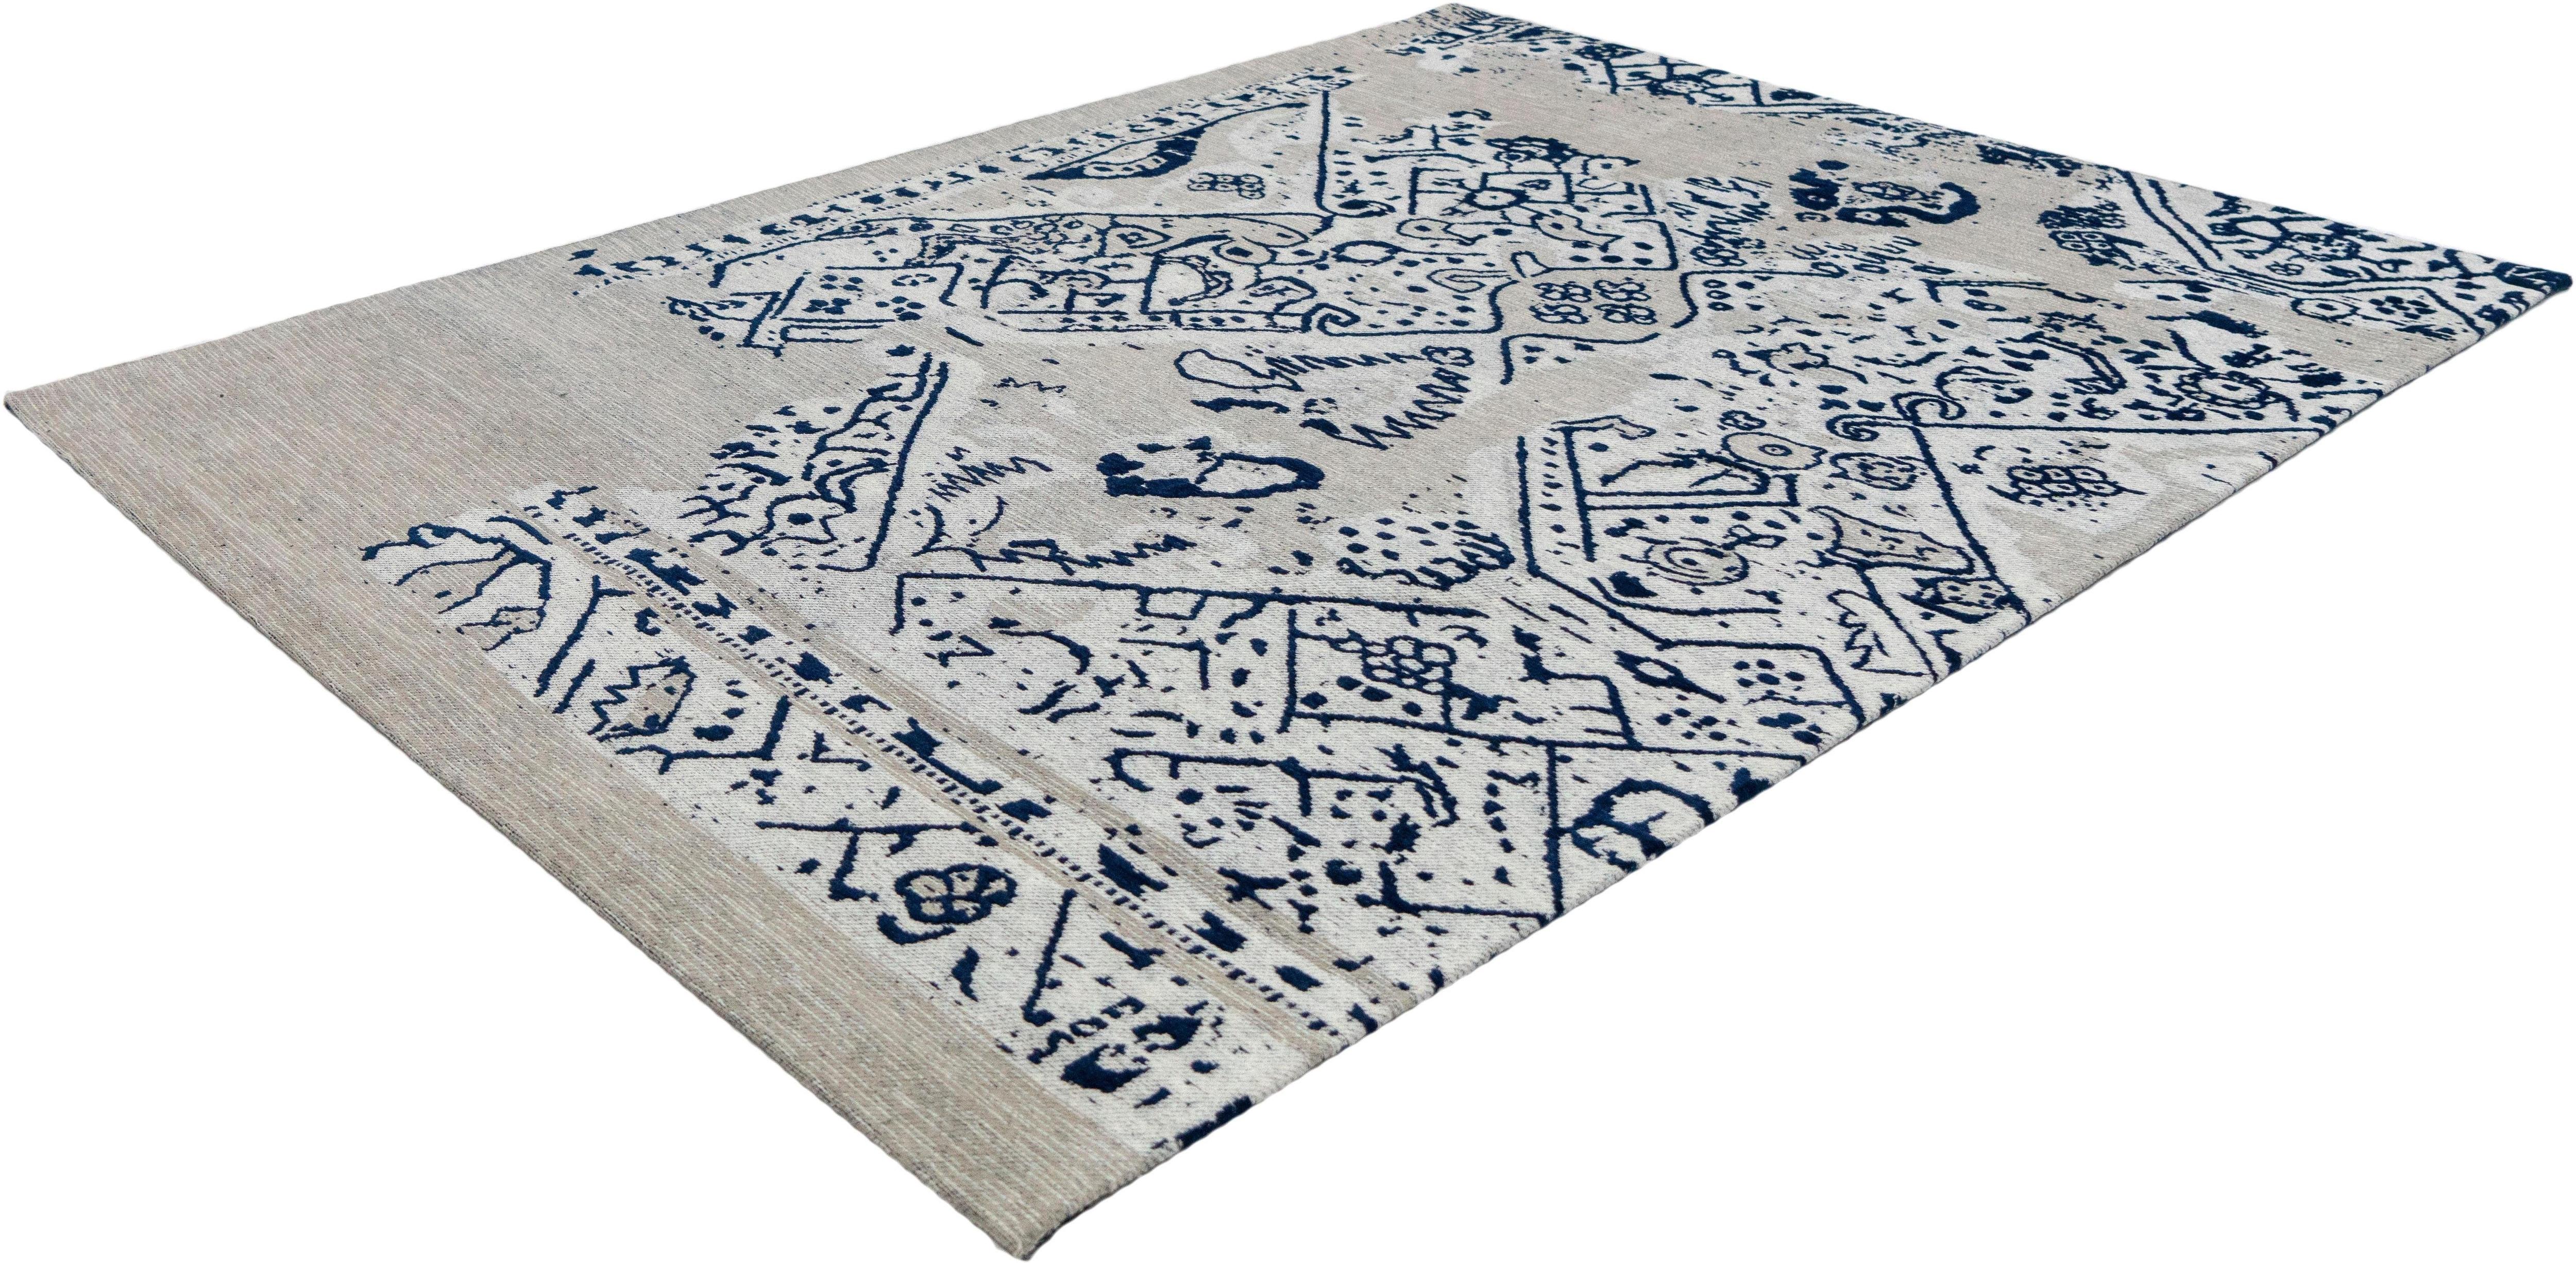 Teppich Paradiso 350 calo-deluxe rechteckig Höhe 10 mm handgewebt